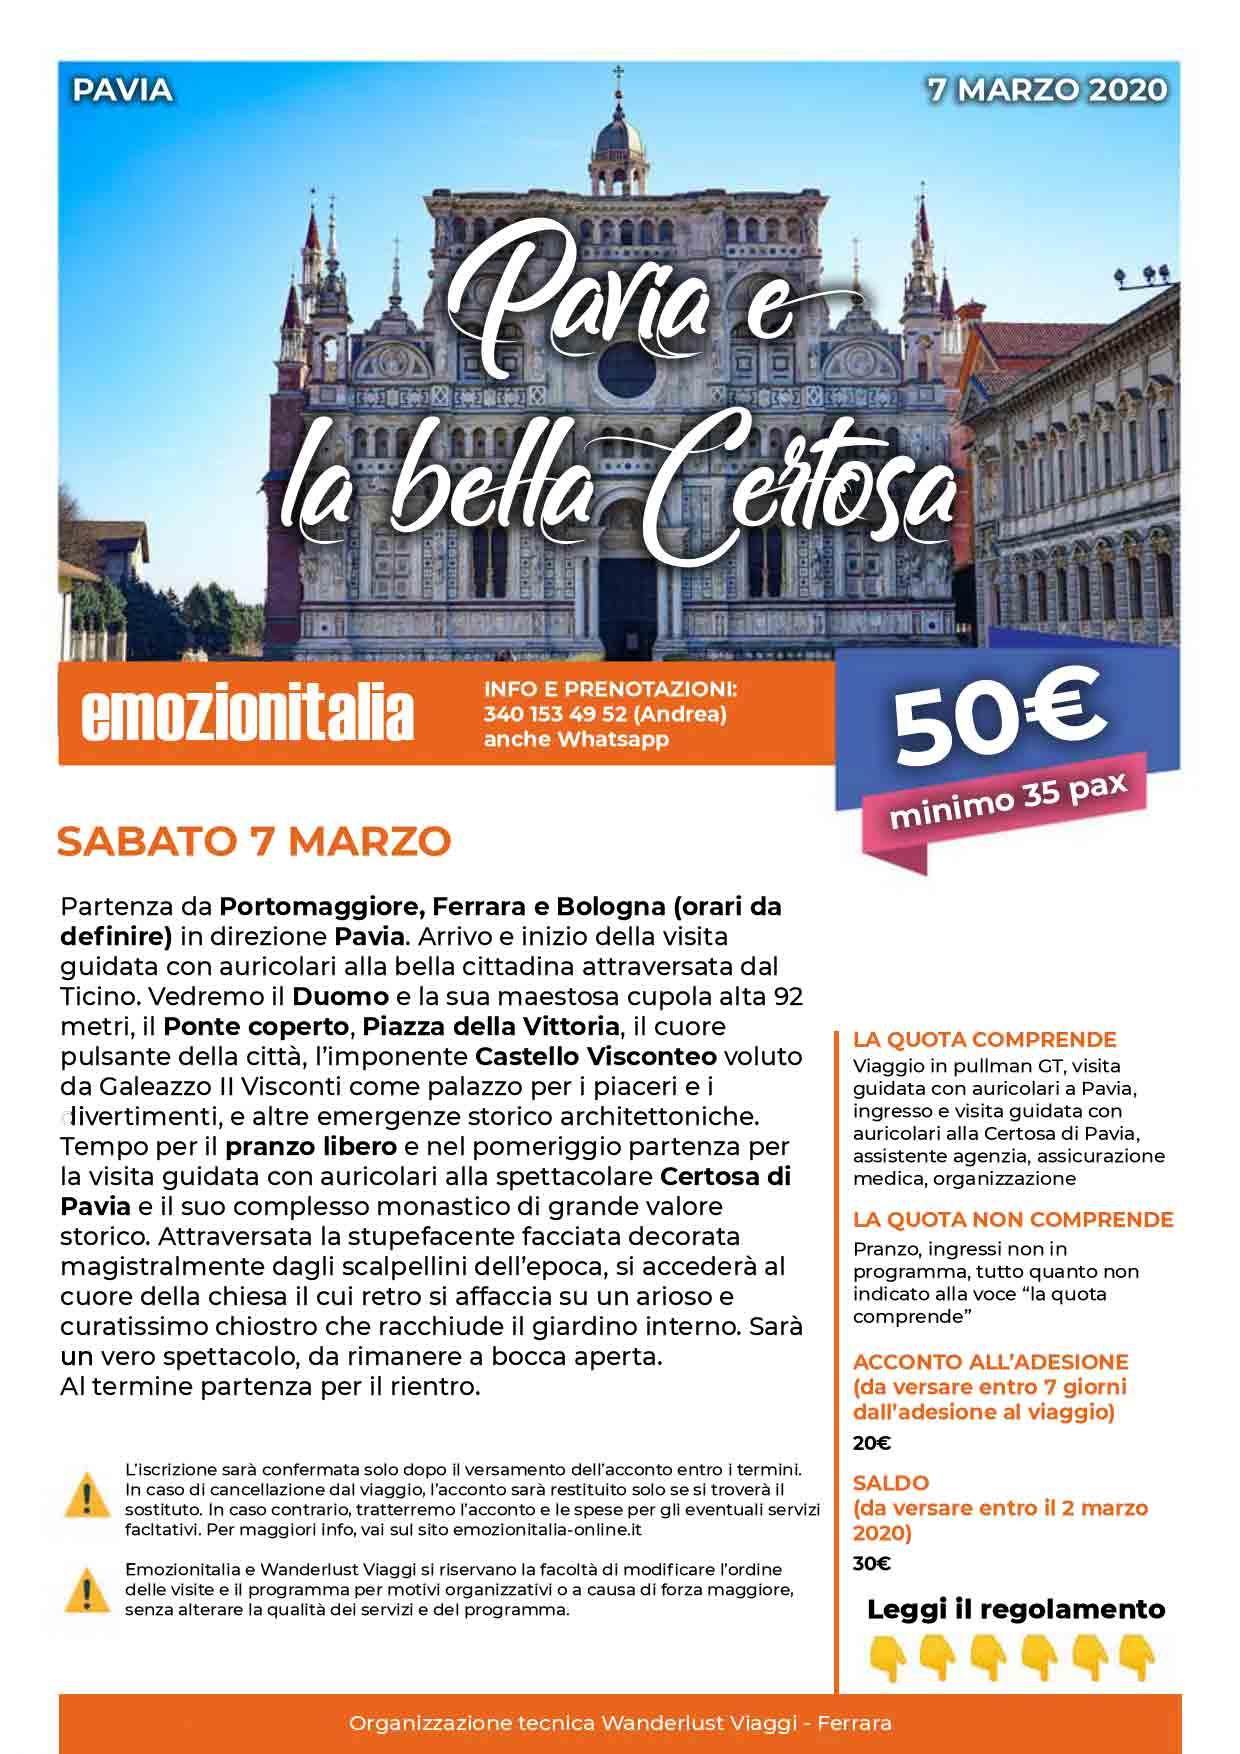 Pavia-e-Certosa_page-0001